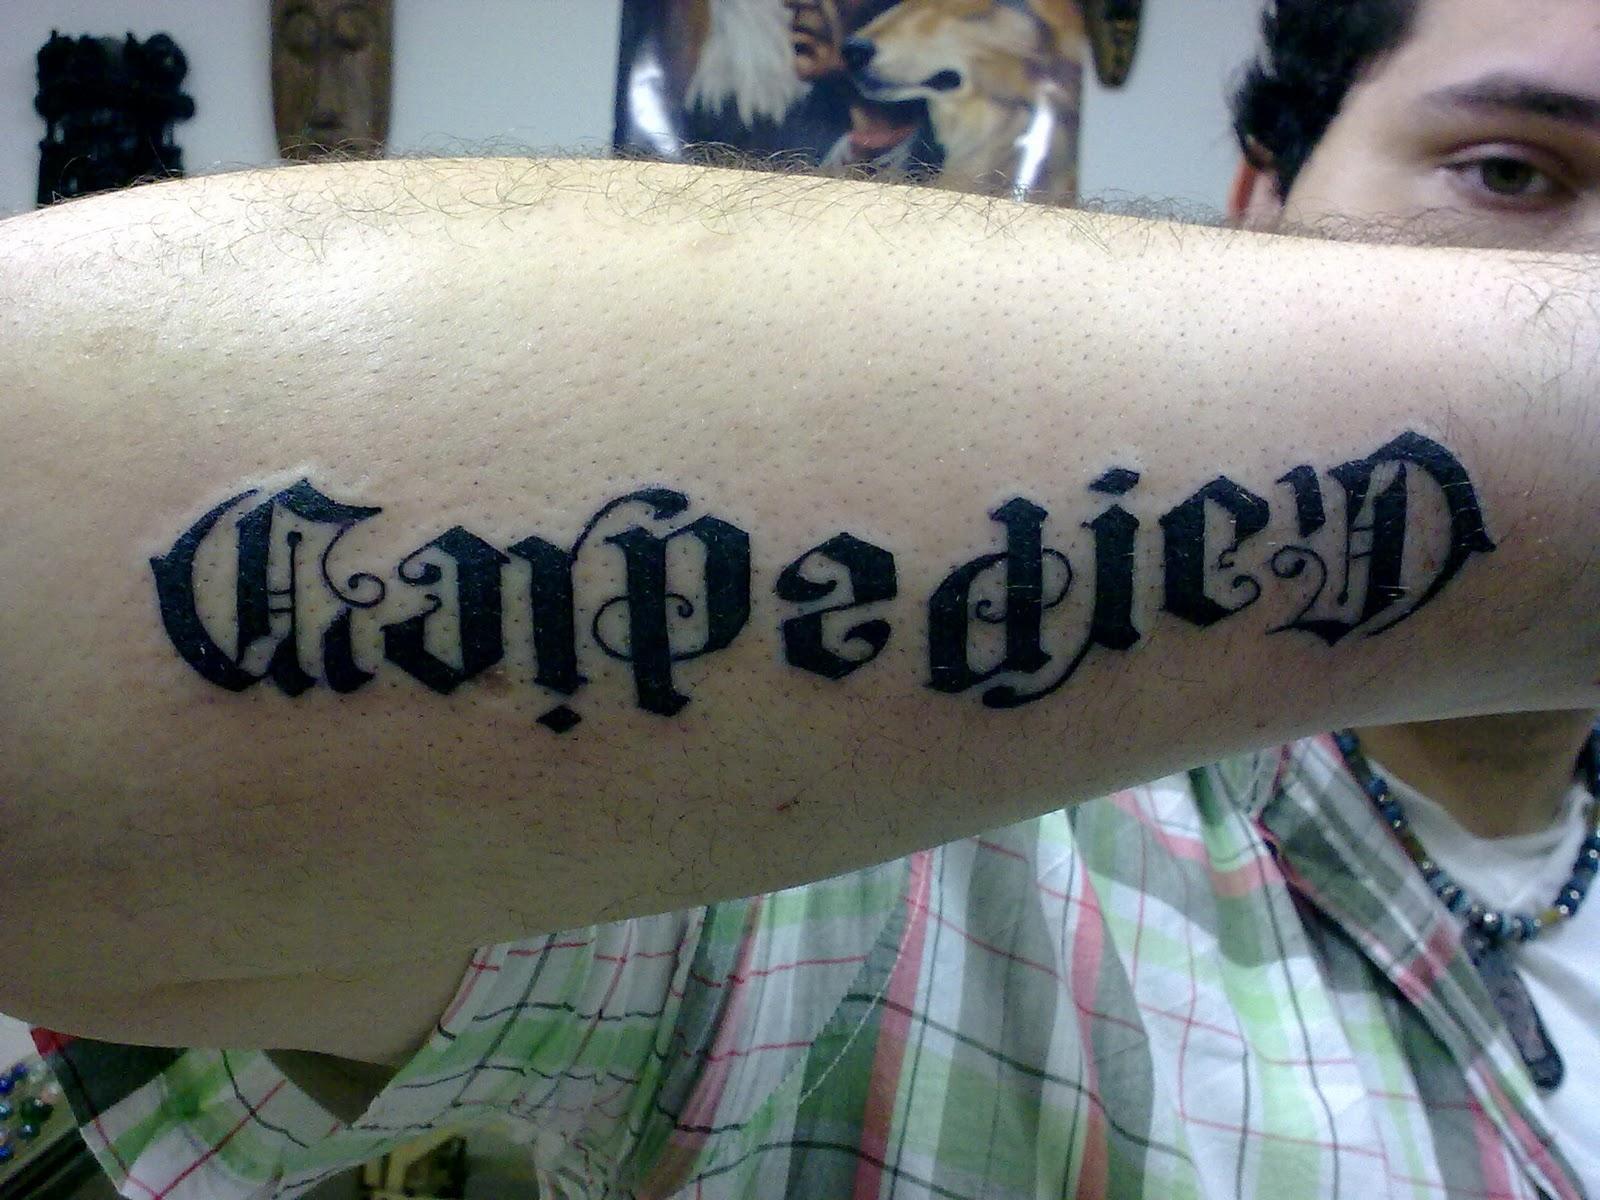 Carpe Diem Tattoo Ankle great tattoos: carpe diem tattoo